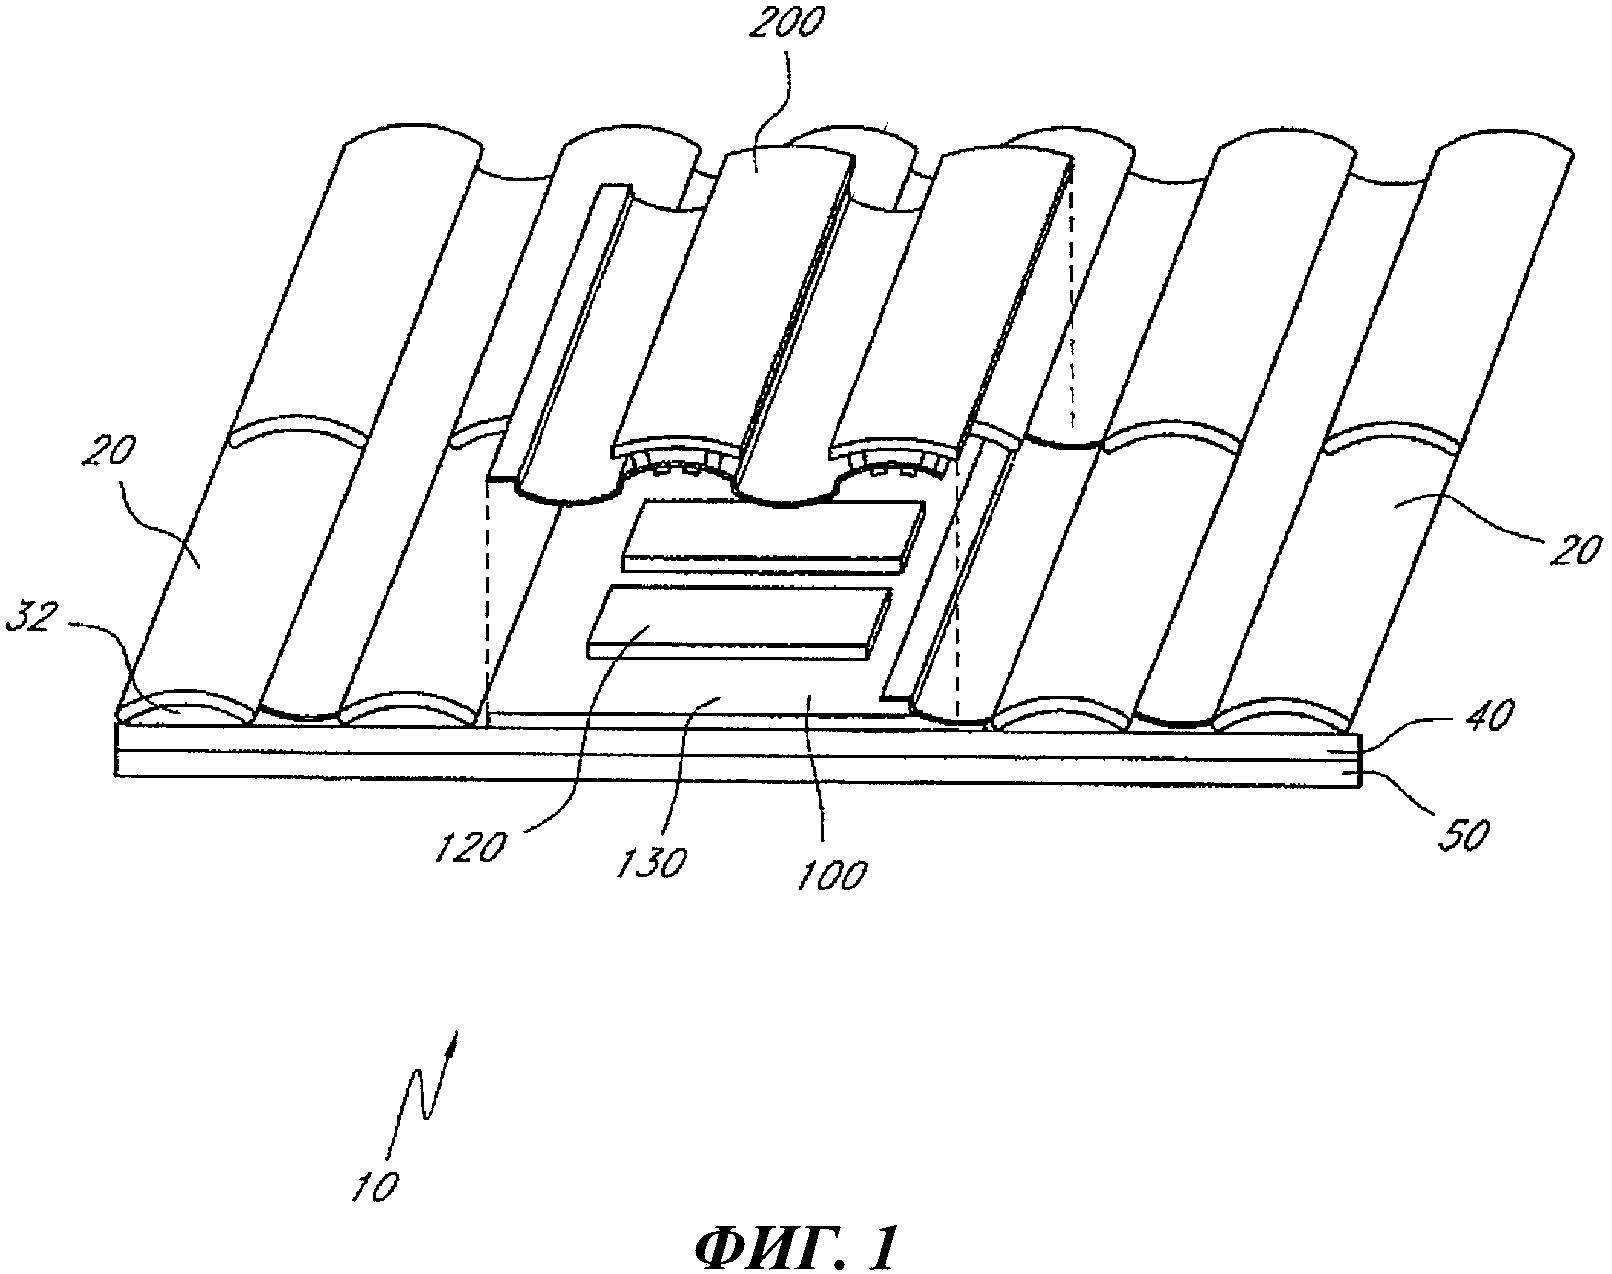 Крышная вентиляционная система, устойчивая к воздействию тлеющих углей и огня